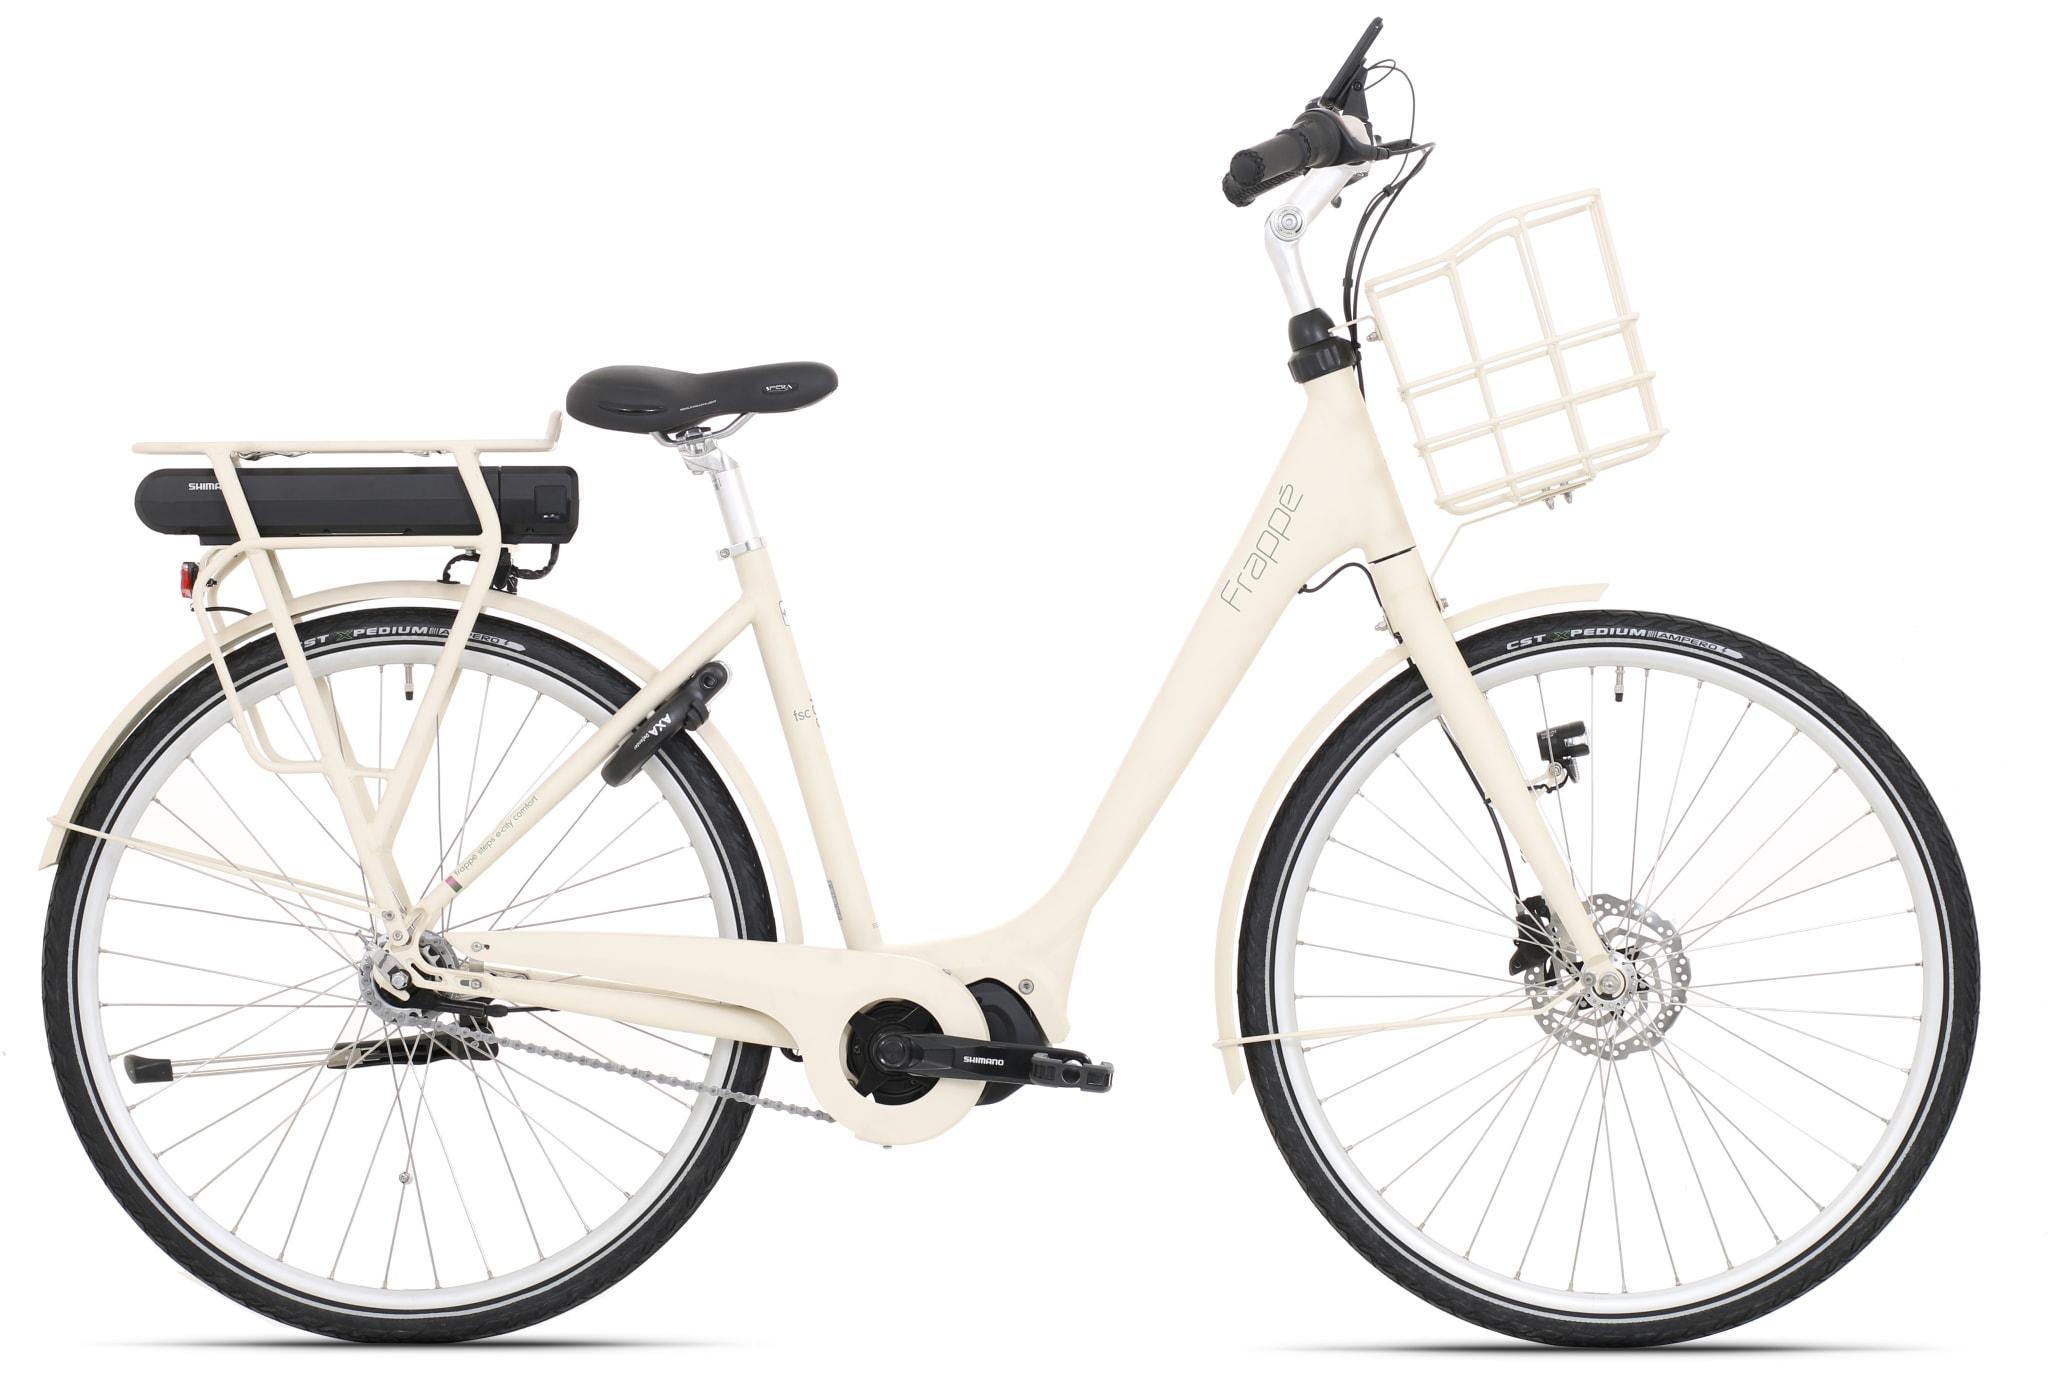 Moderne versjon av den klassiske bysykkelen